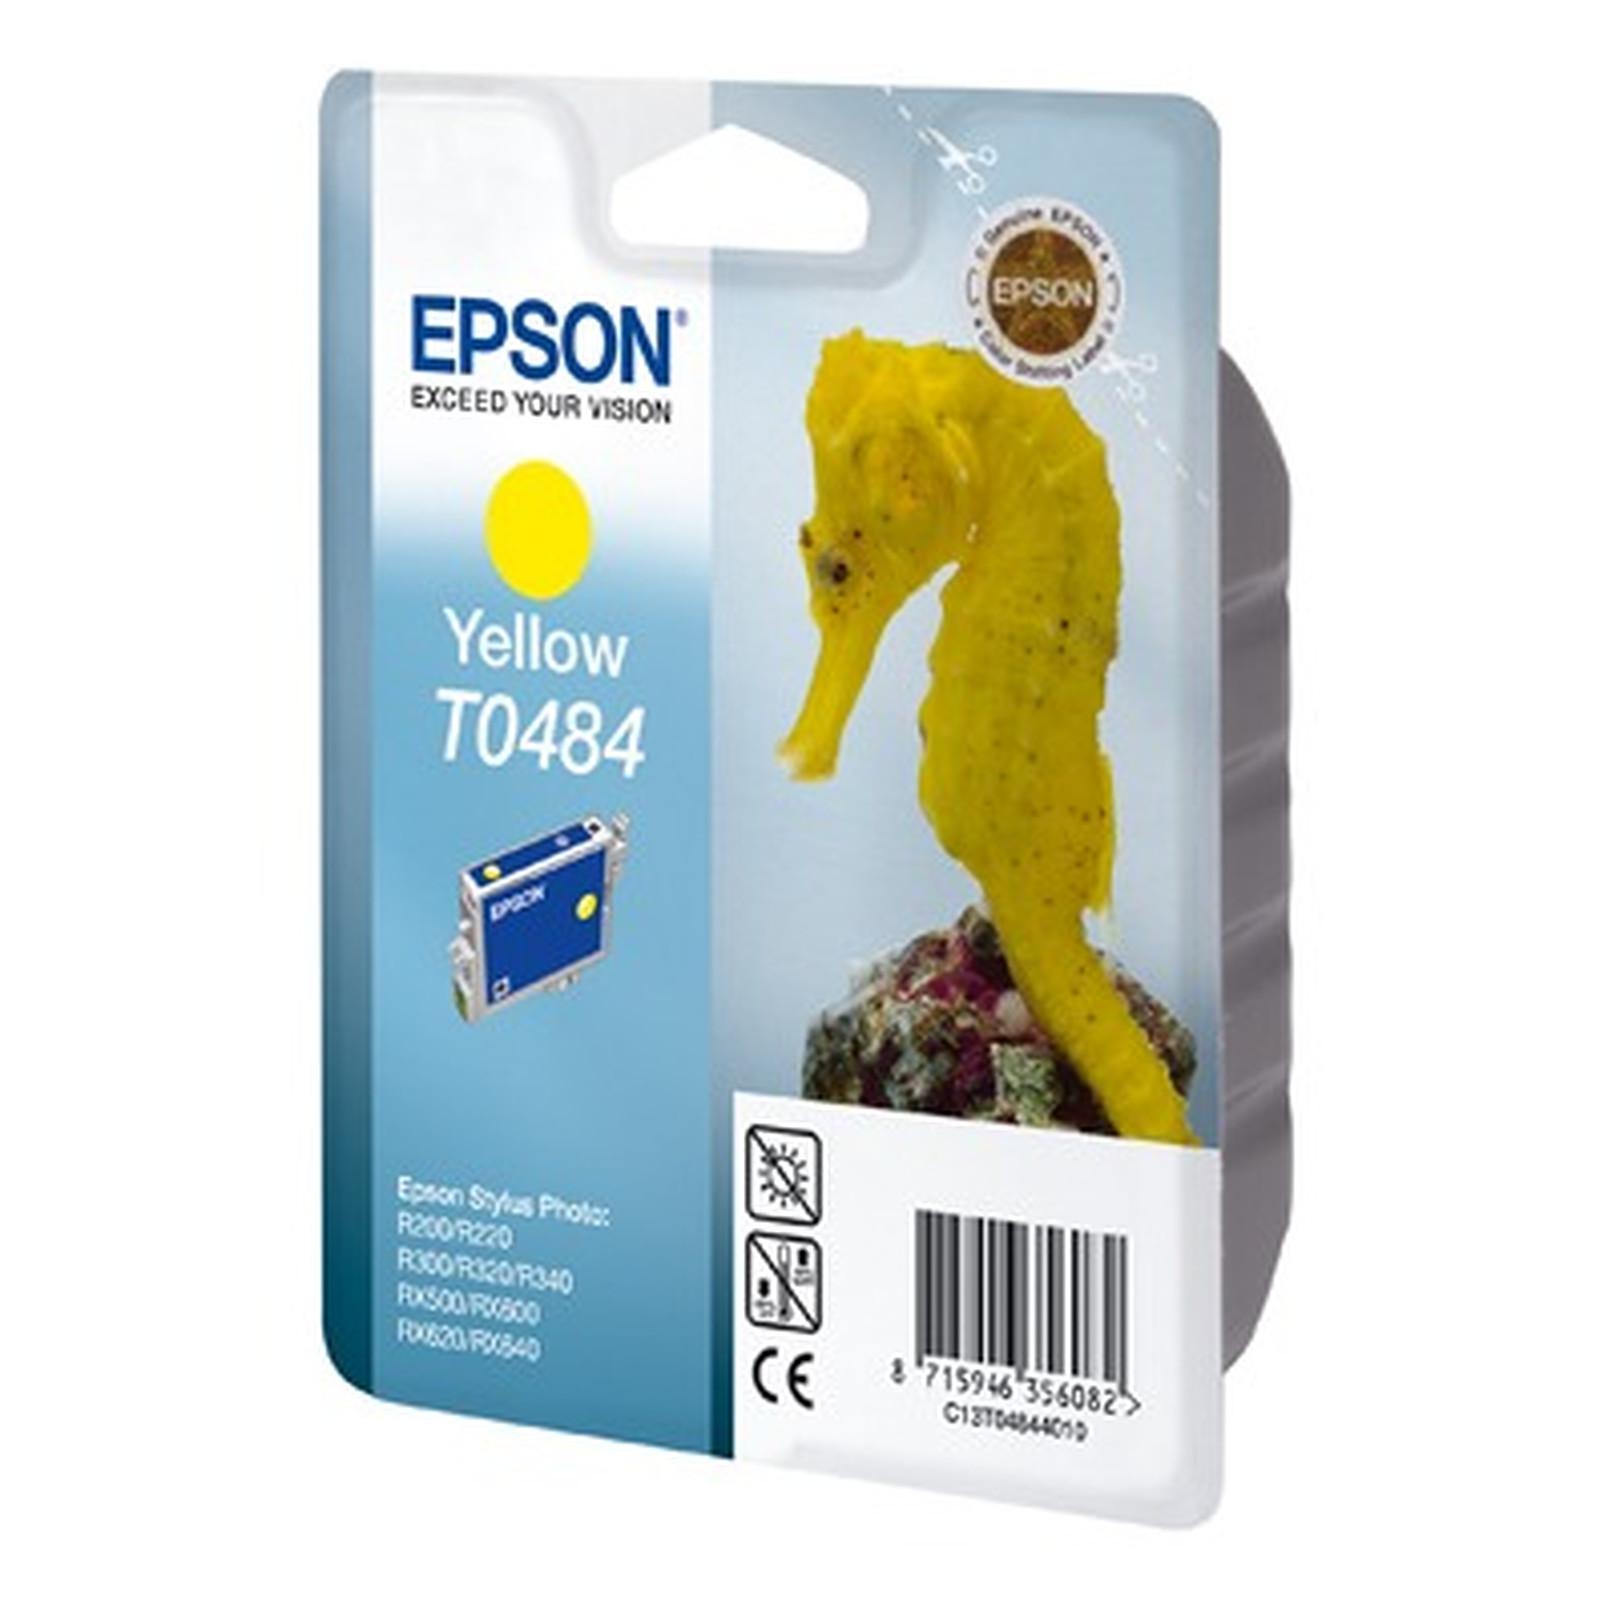 Epson T0485